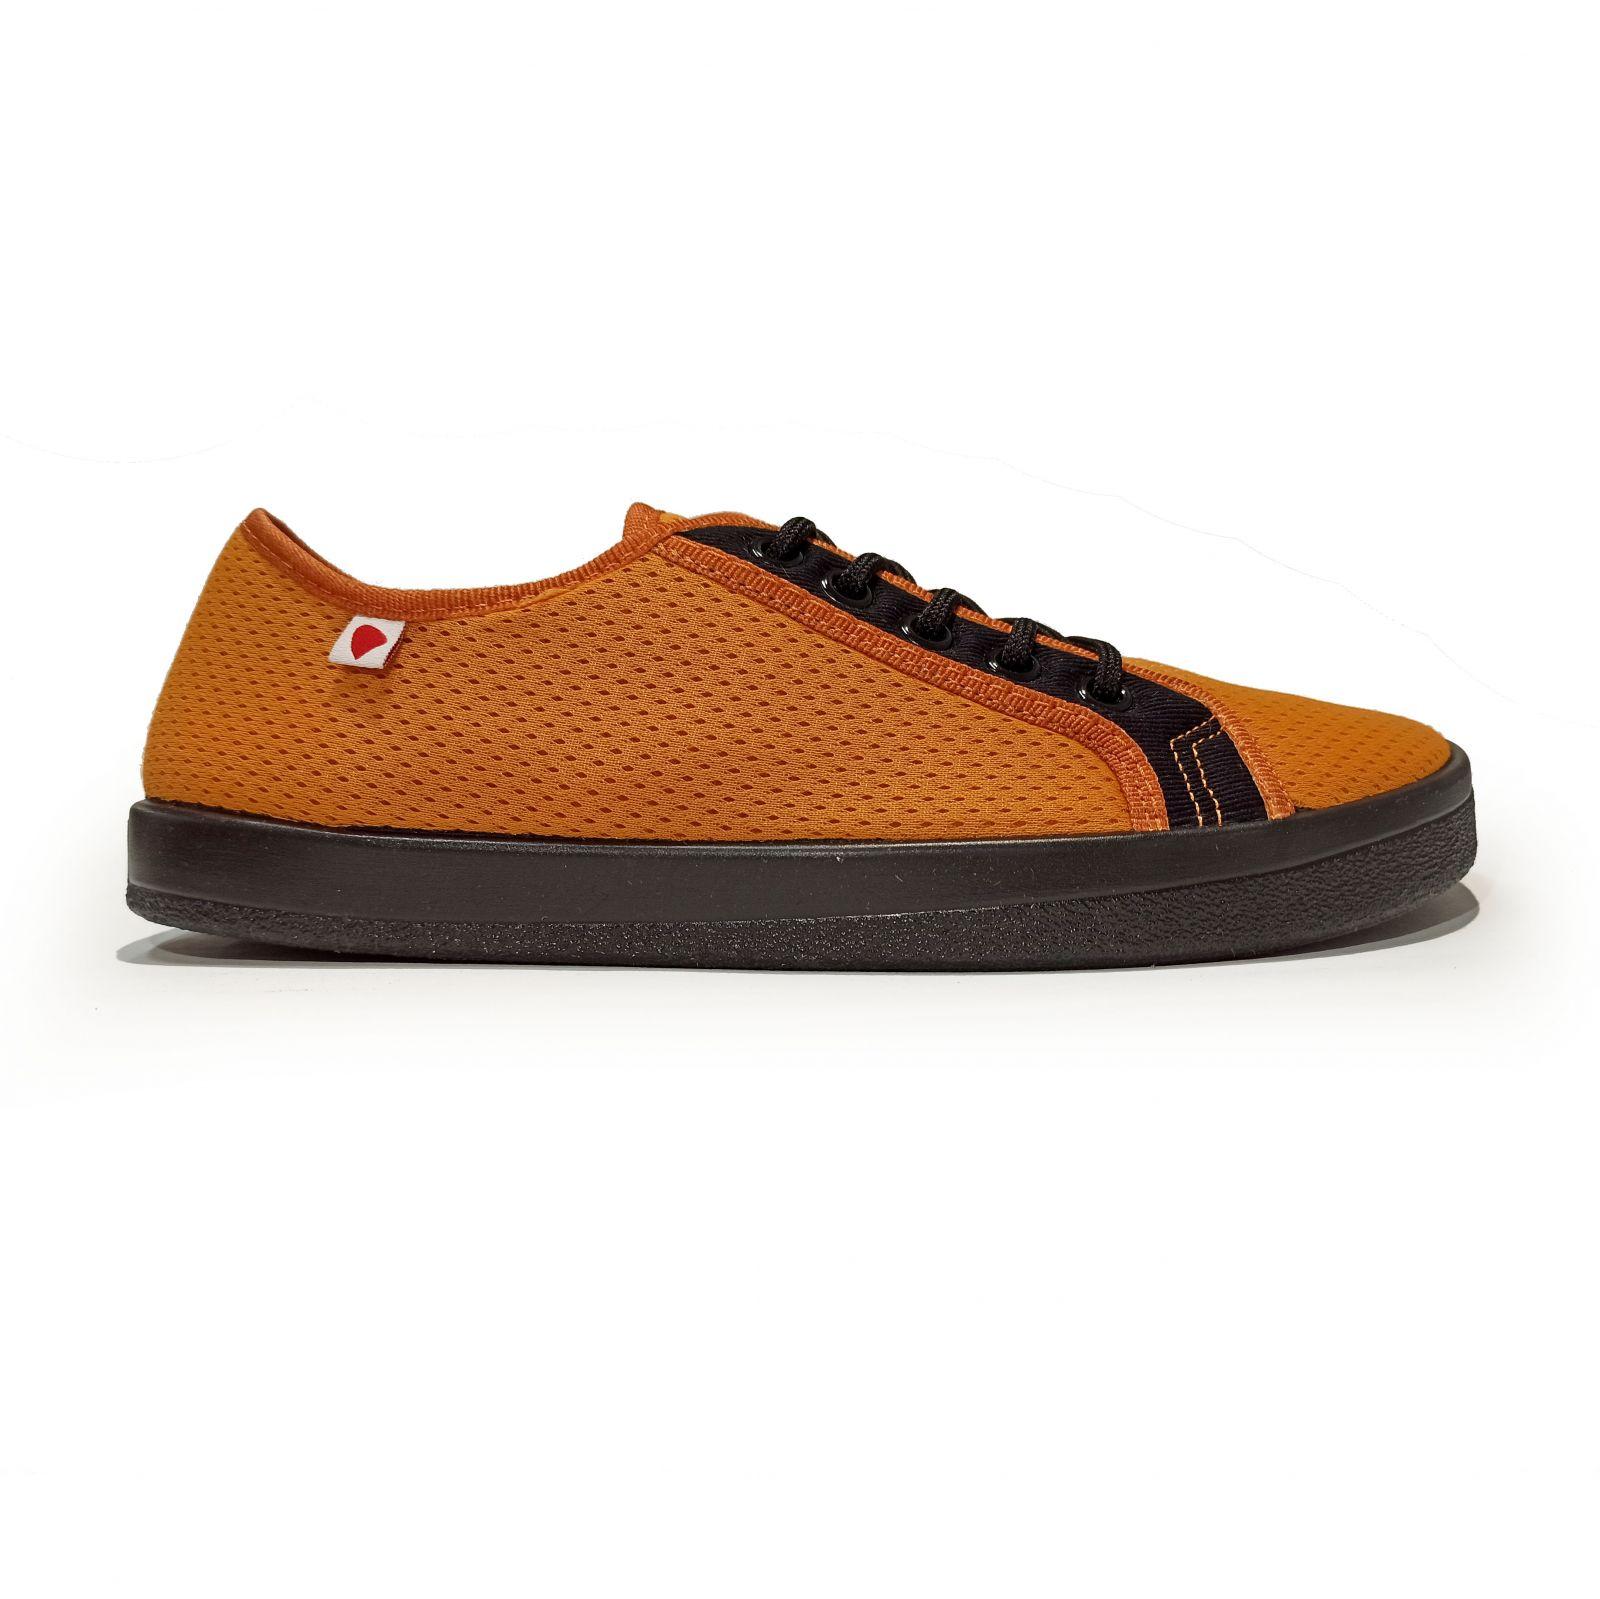 Barefoot Barefoot tenisky Anatomic oranžové s černou podrážkou - mesh bosá